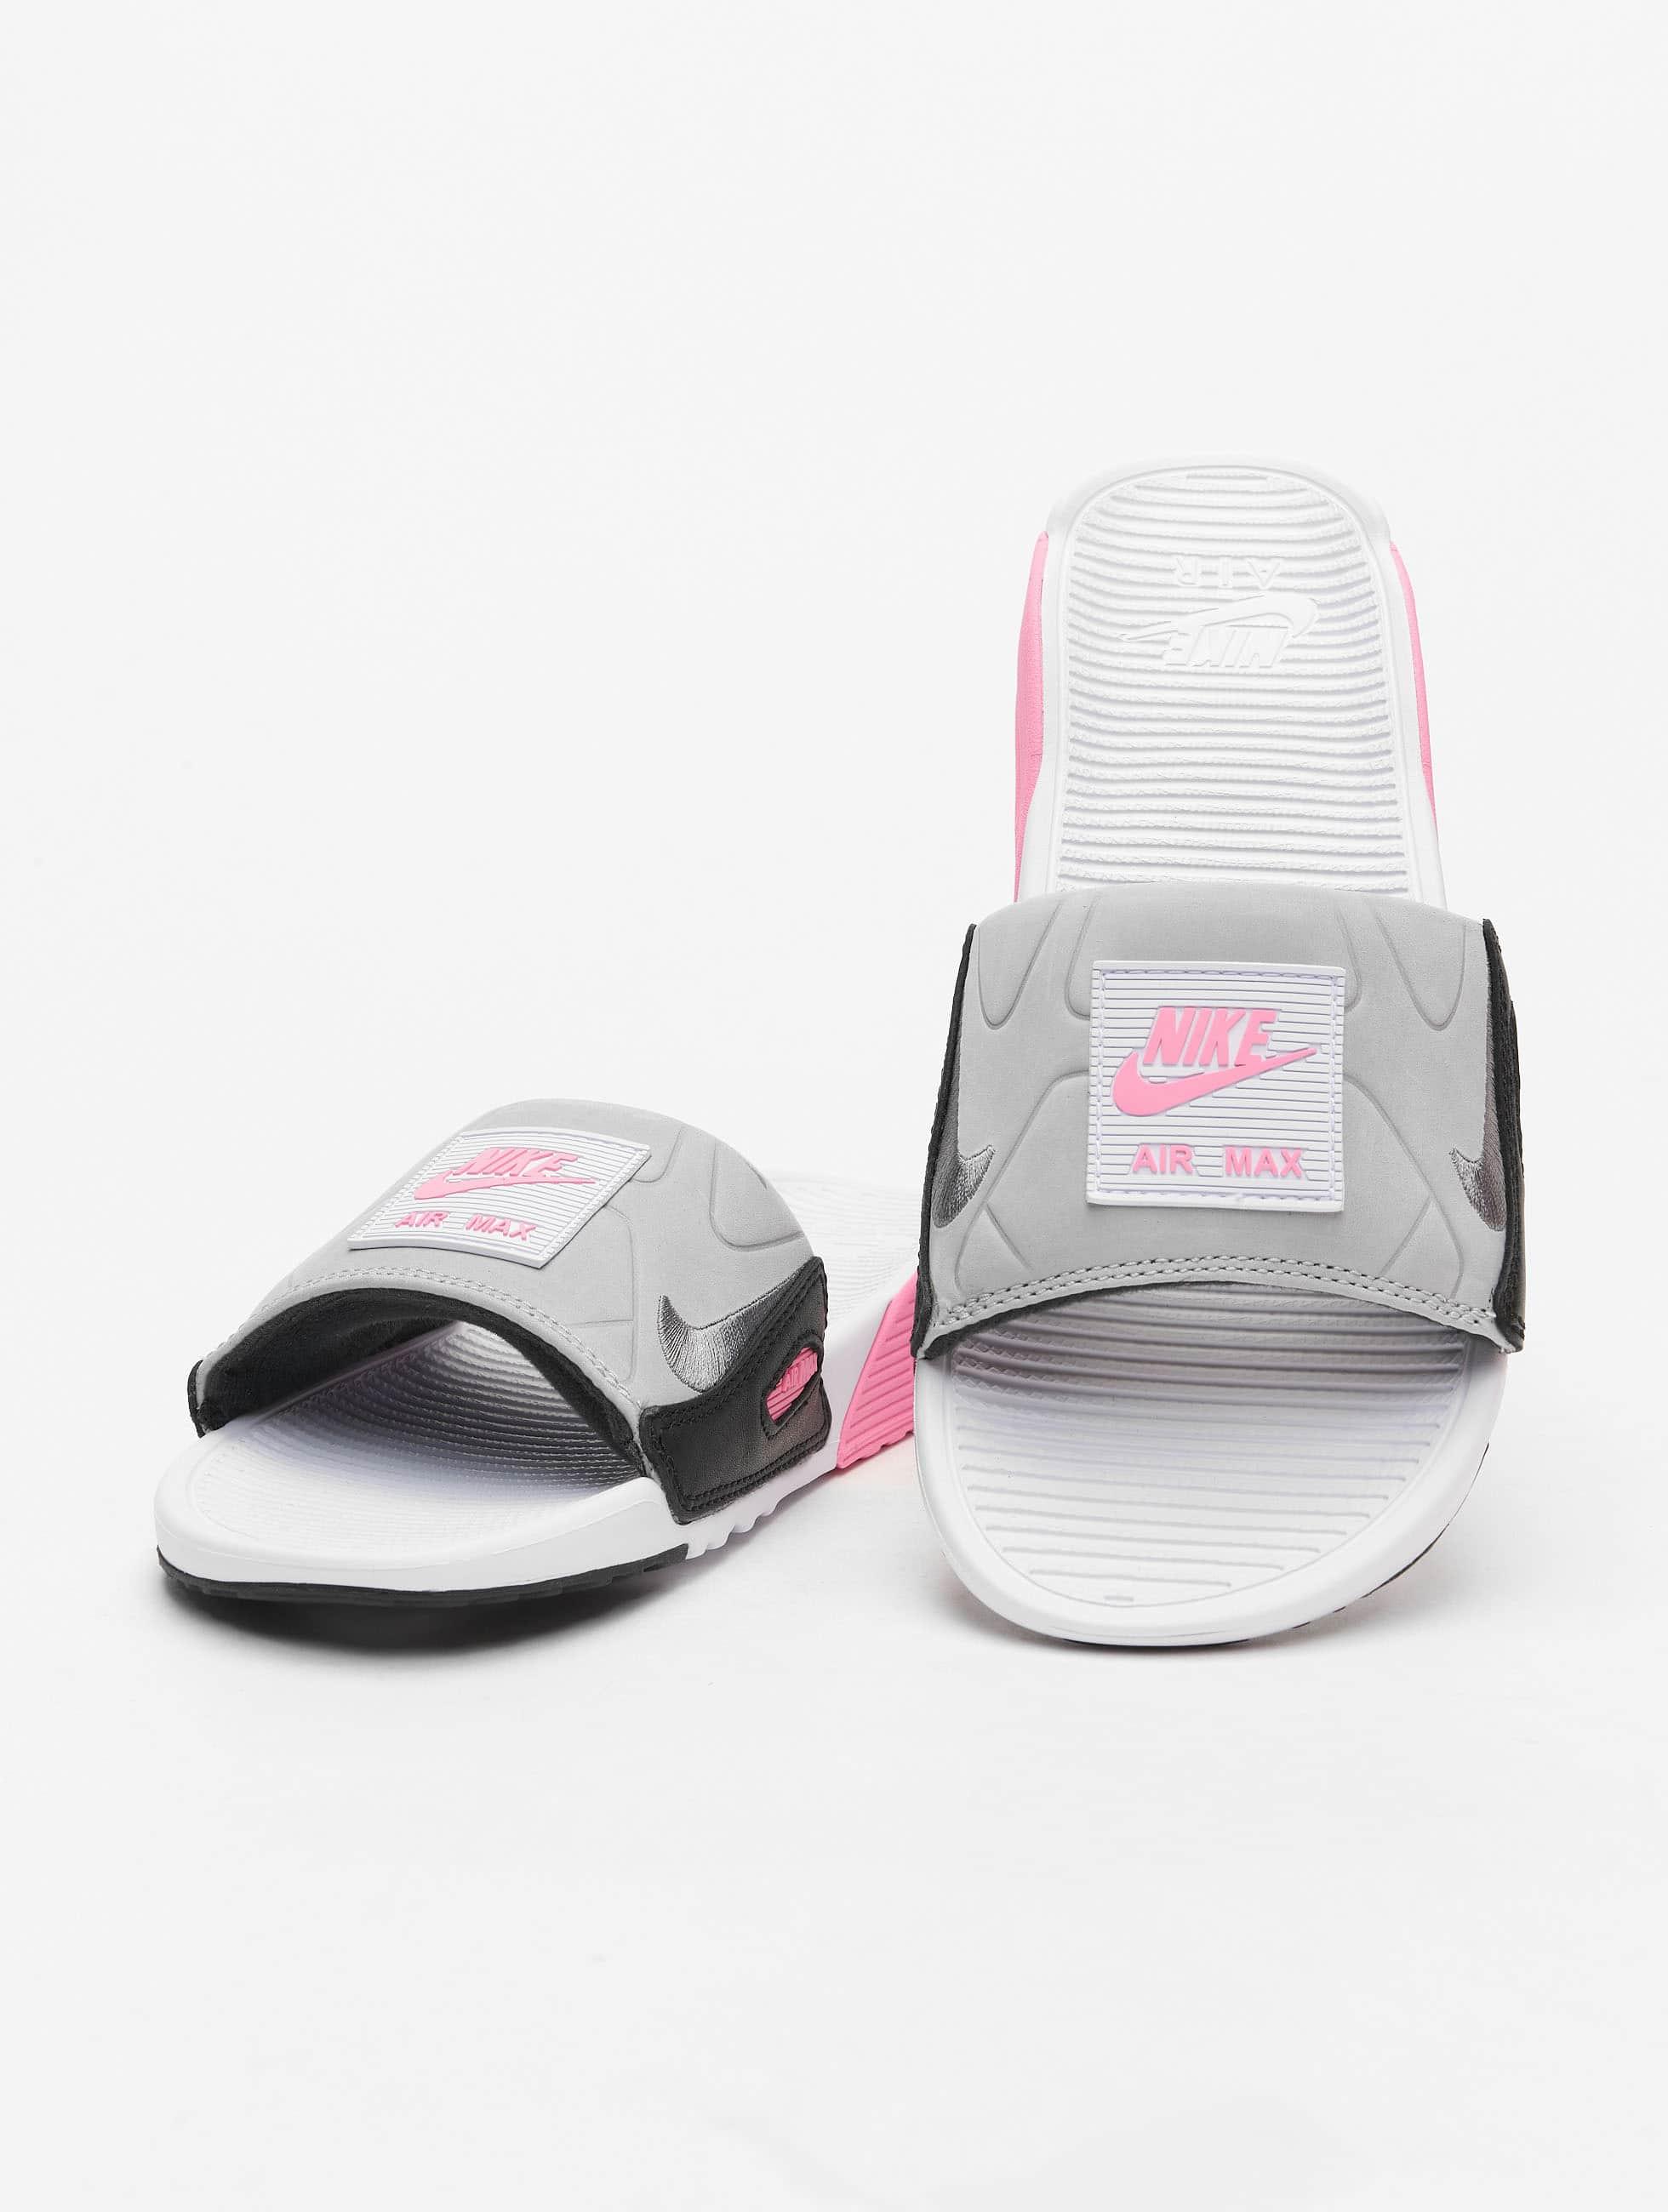 Nike Air Max 90 Slides WhiteSmoke GreyRoseLt Smoke Grey